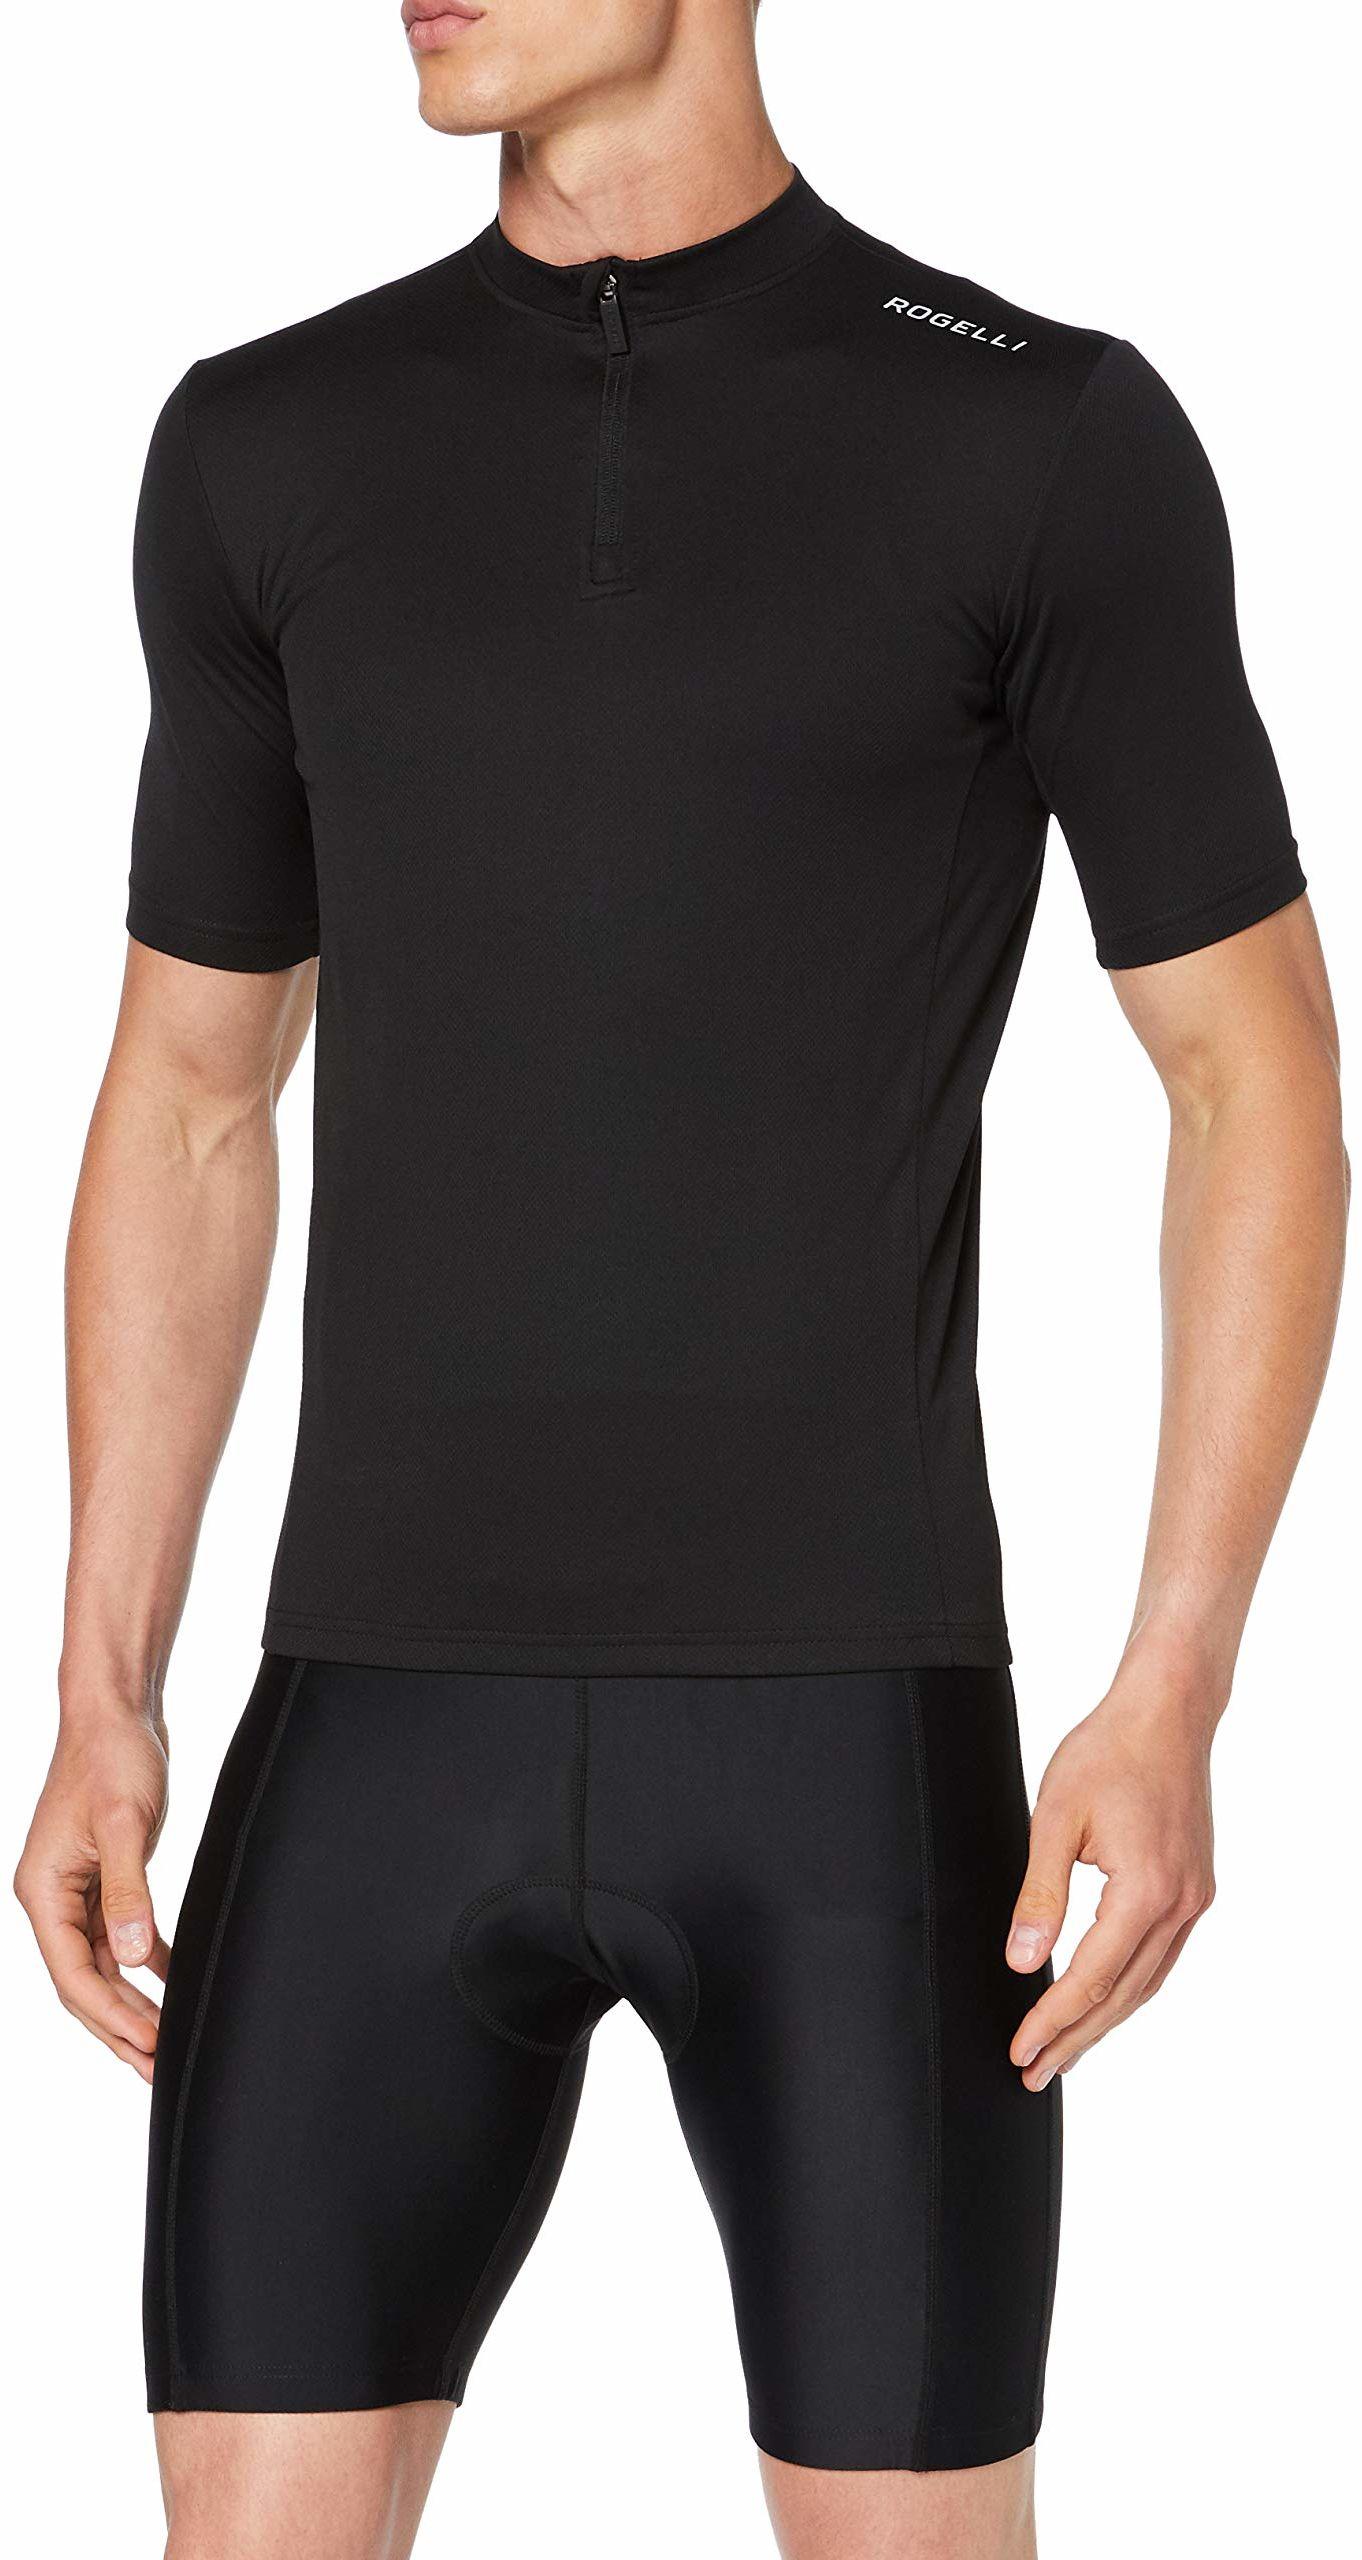 Rogelli Base Base męska koszulka rowerowa czarny L